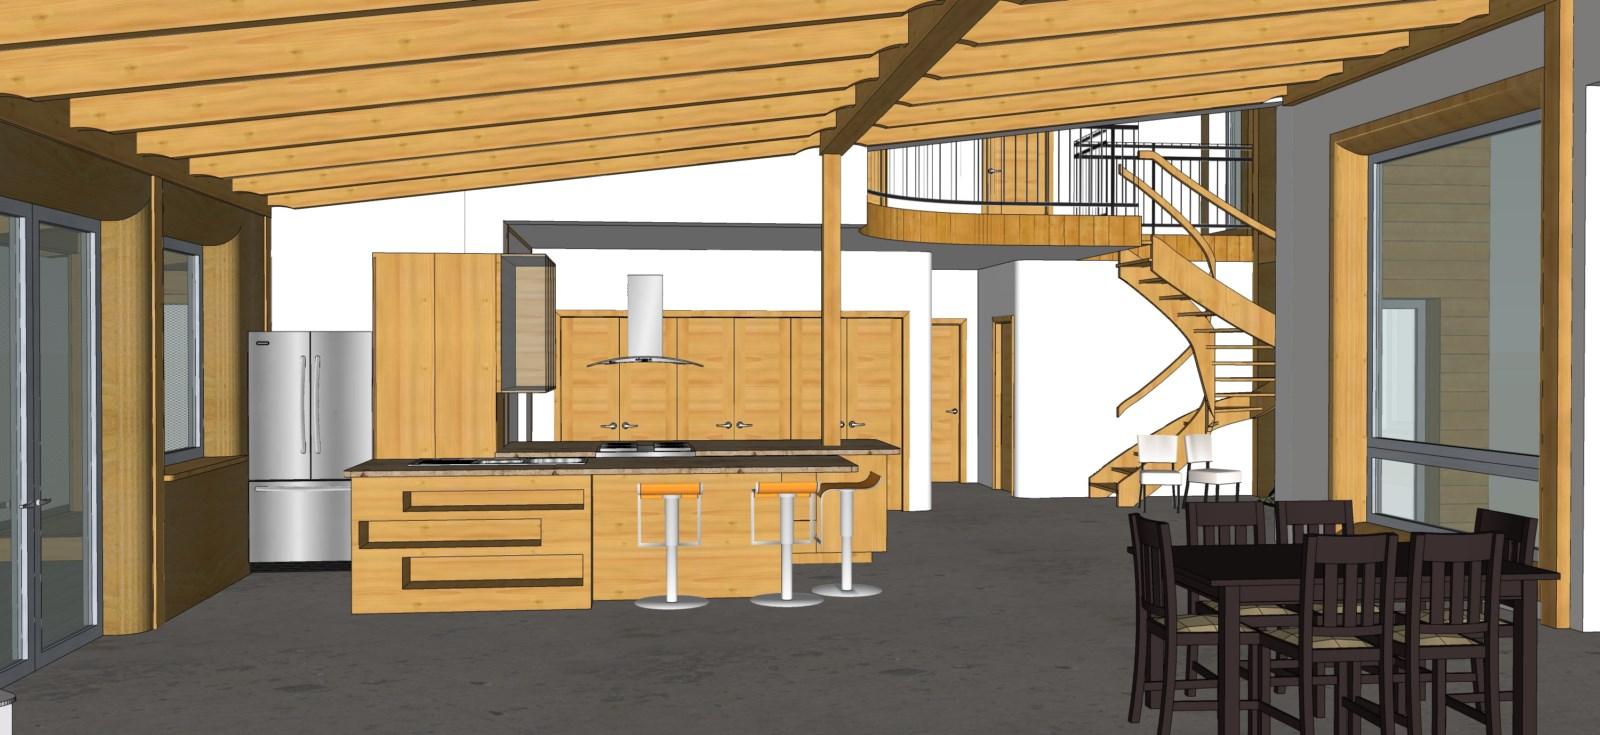 j-toit deux pentes 7 [1600x1200].jpg